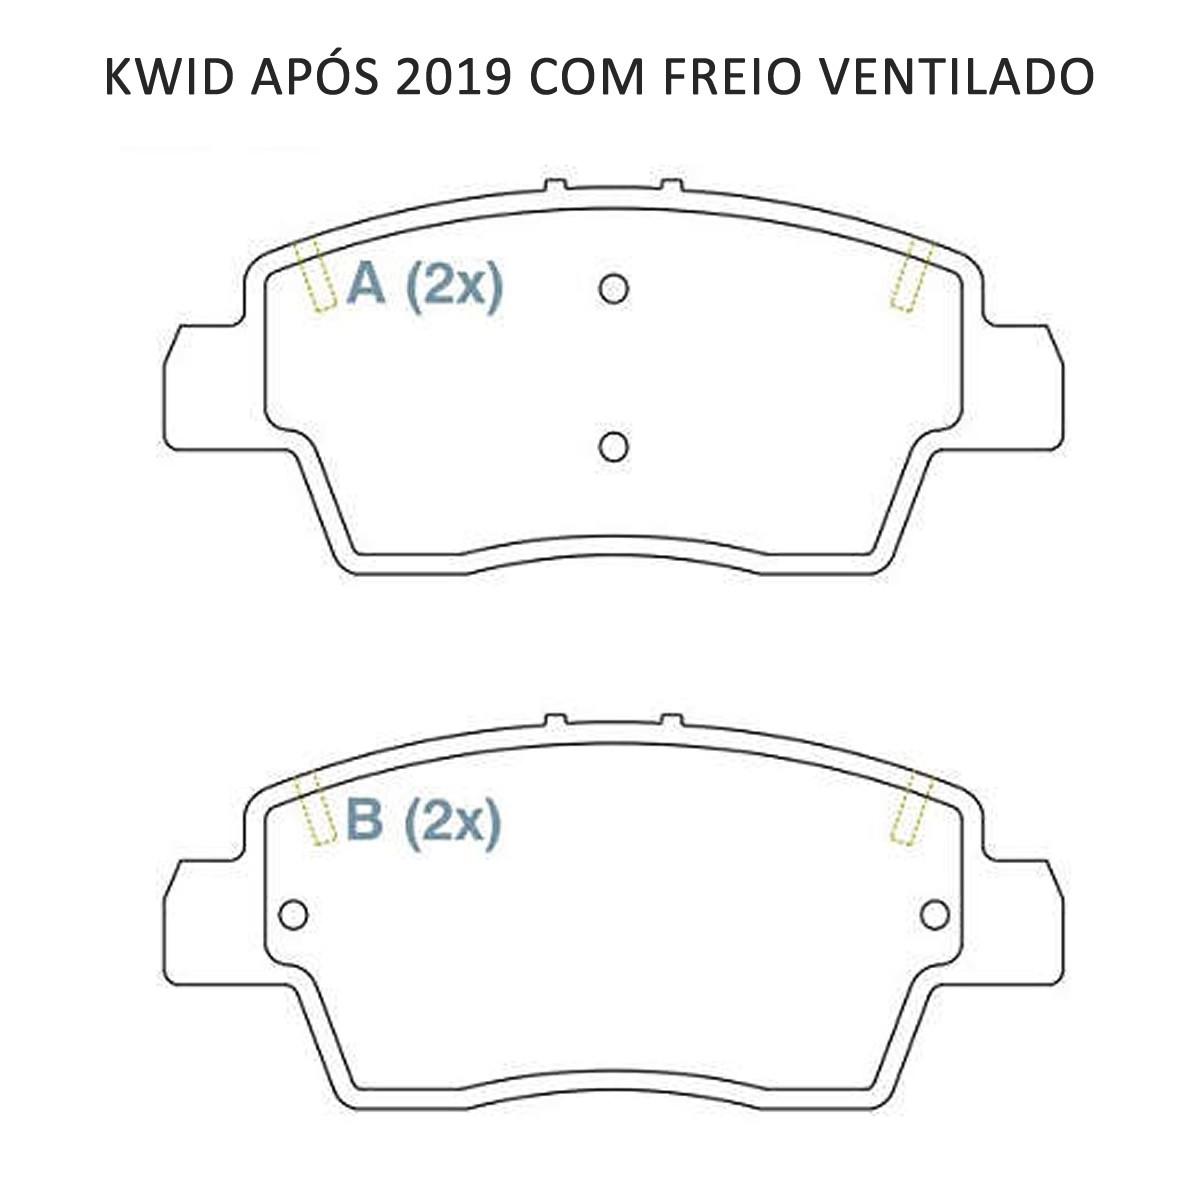 Pastilha Freio Dianteira Renault Kwid Após 2019 Freio Ventilado